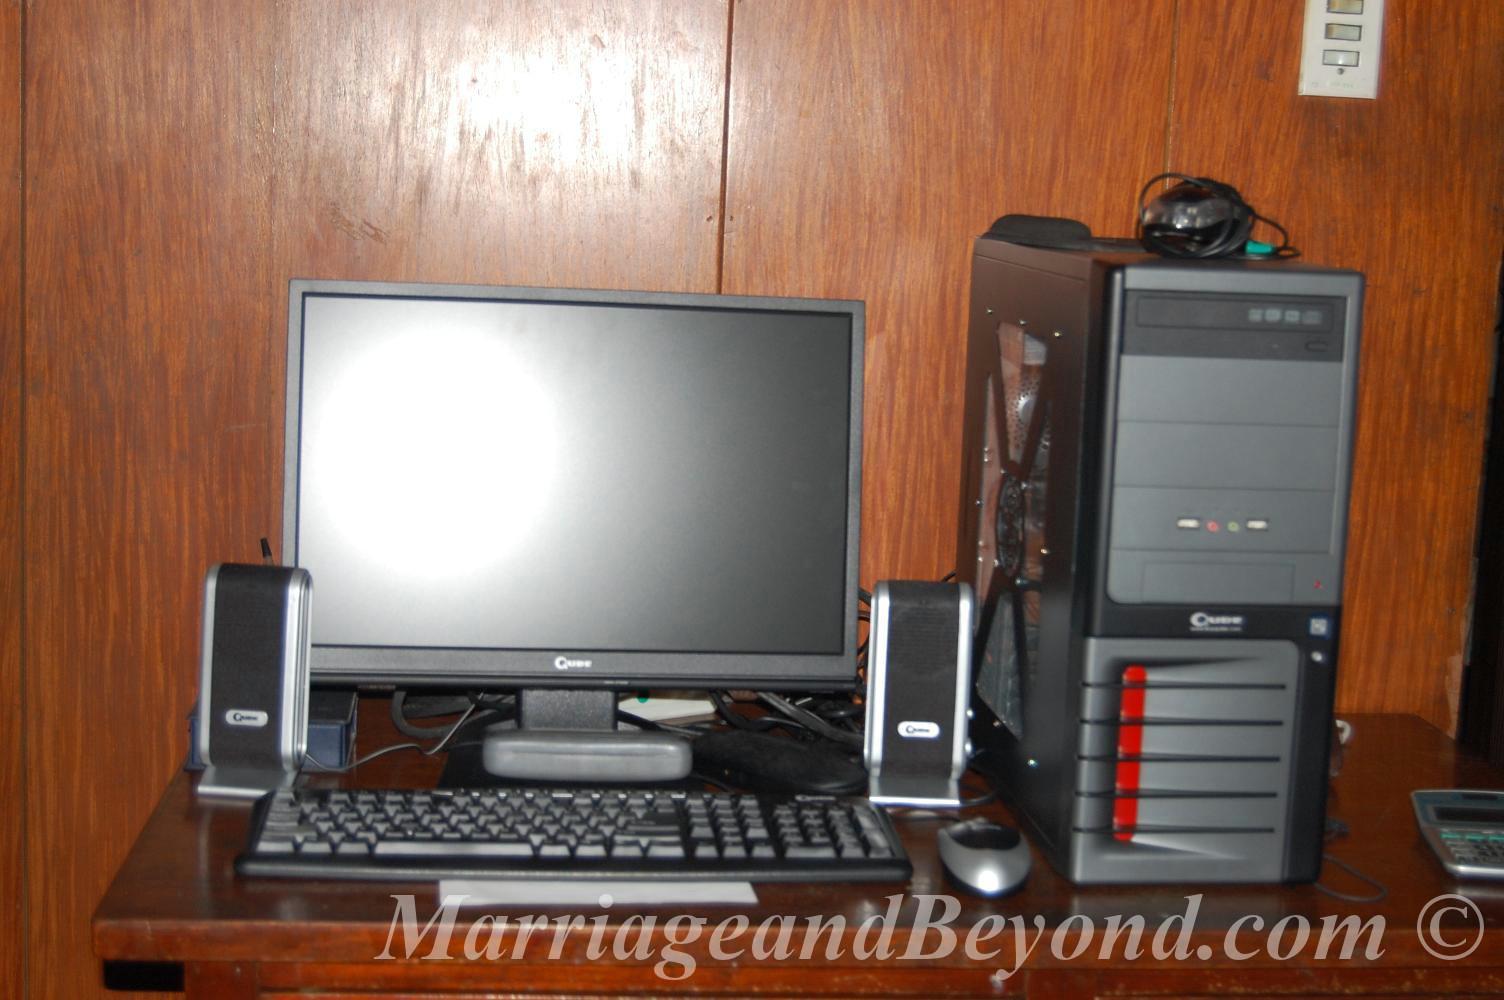 New Computer Virus Going Around 2013